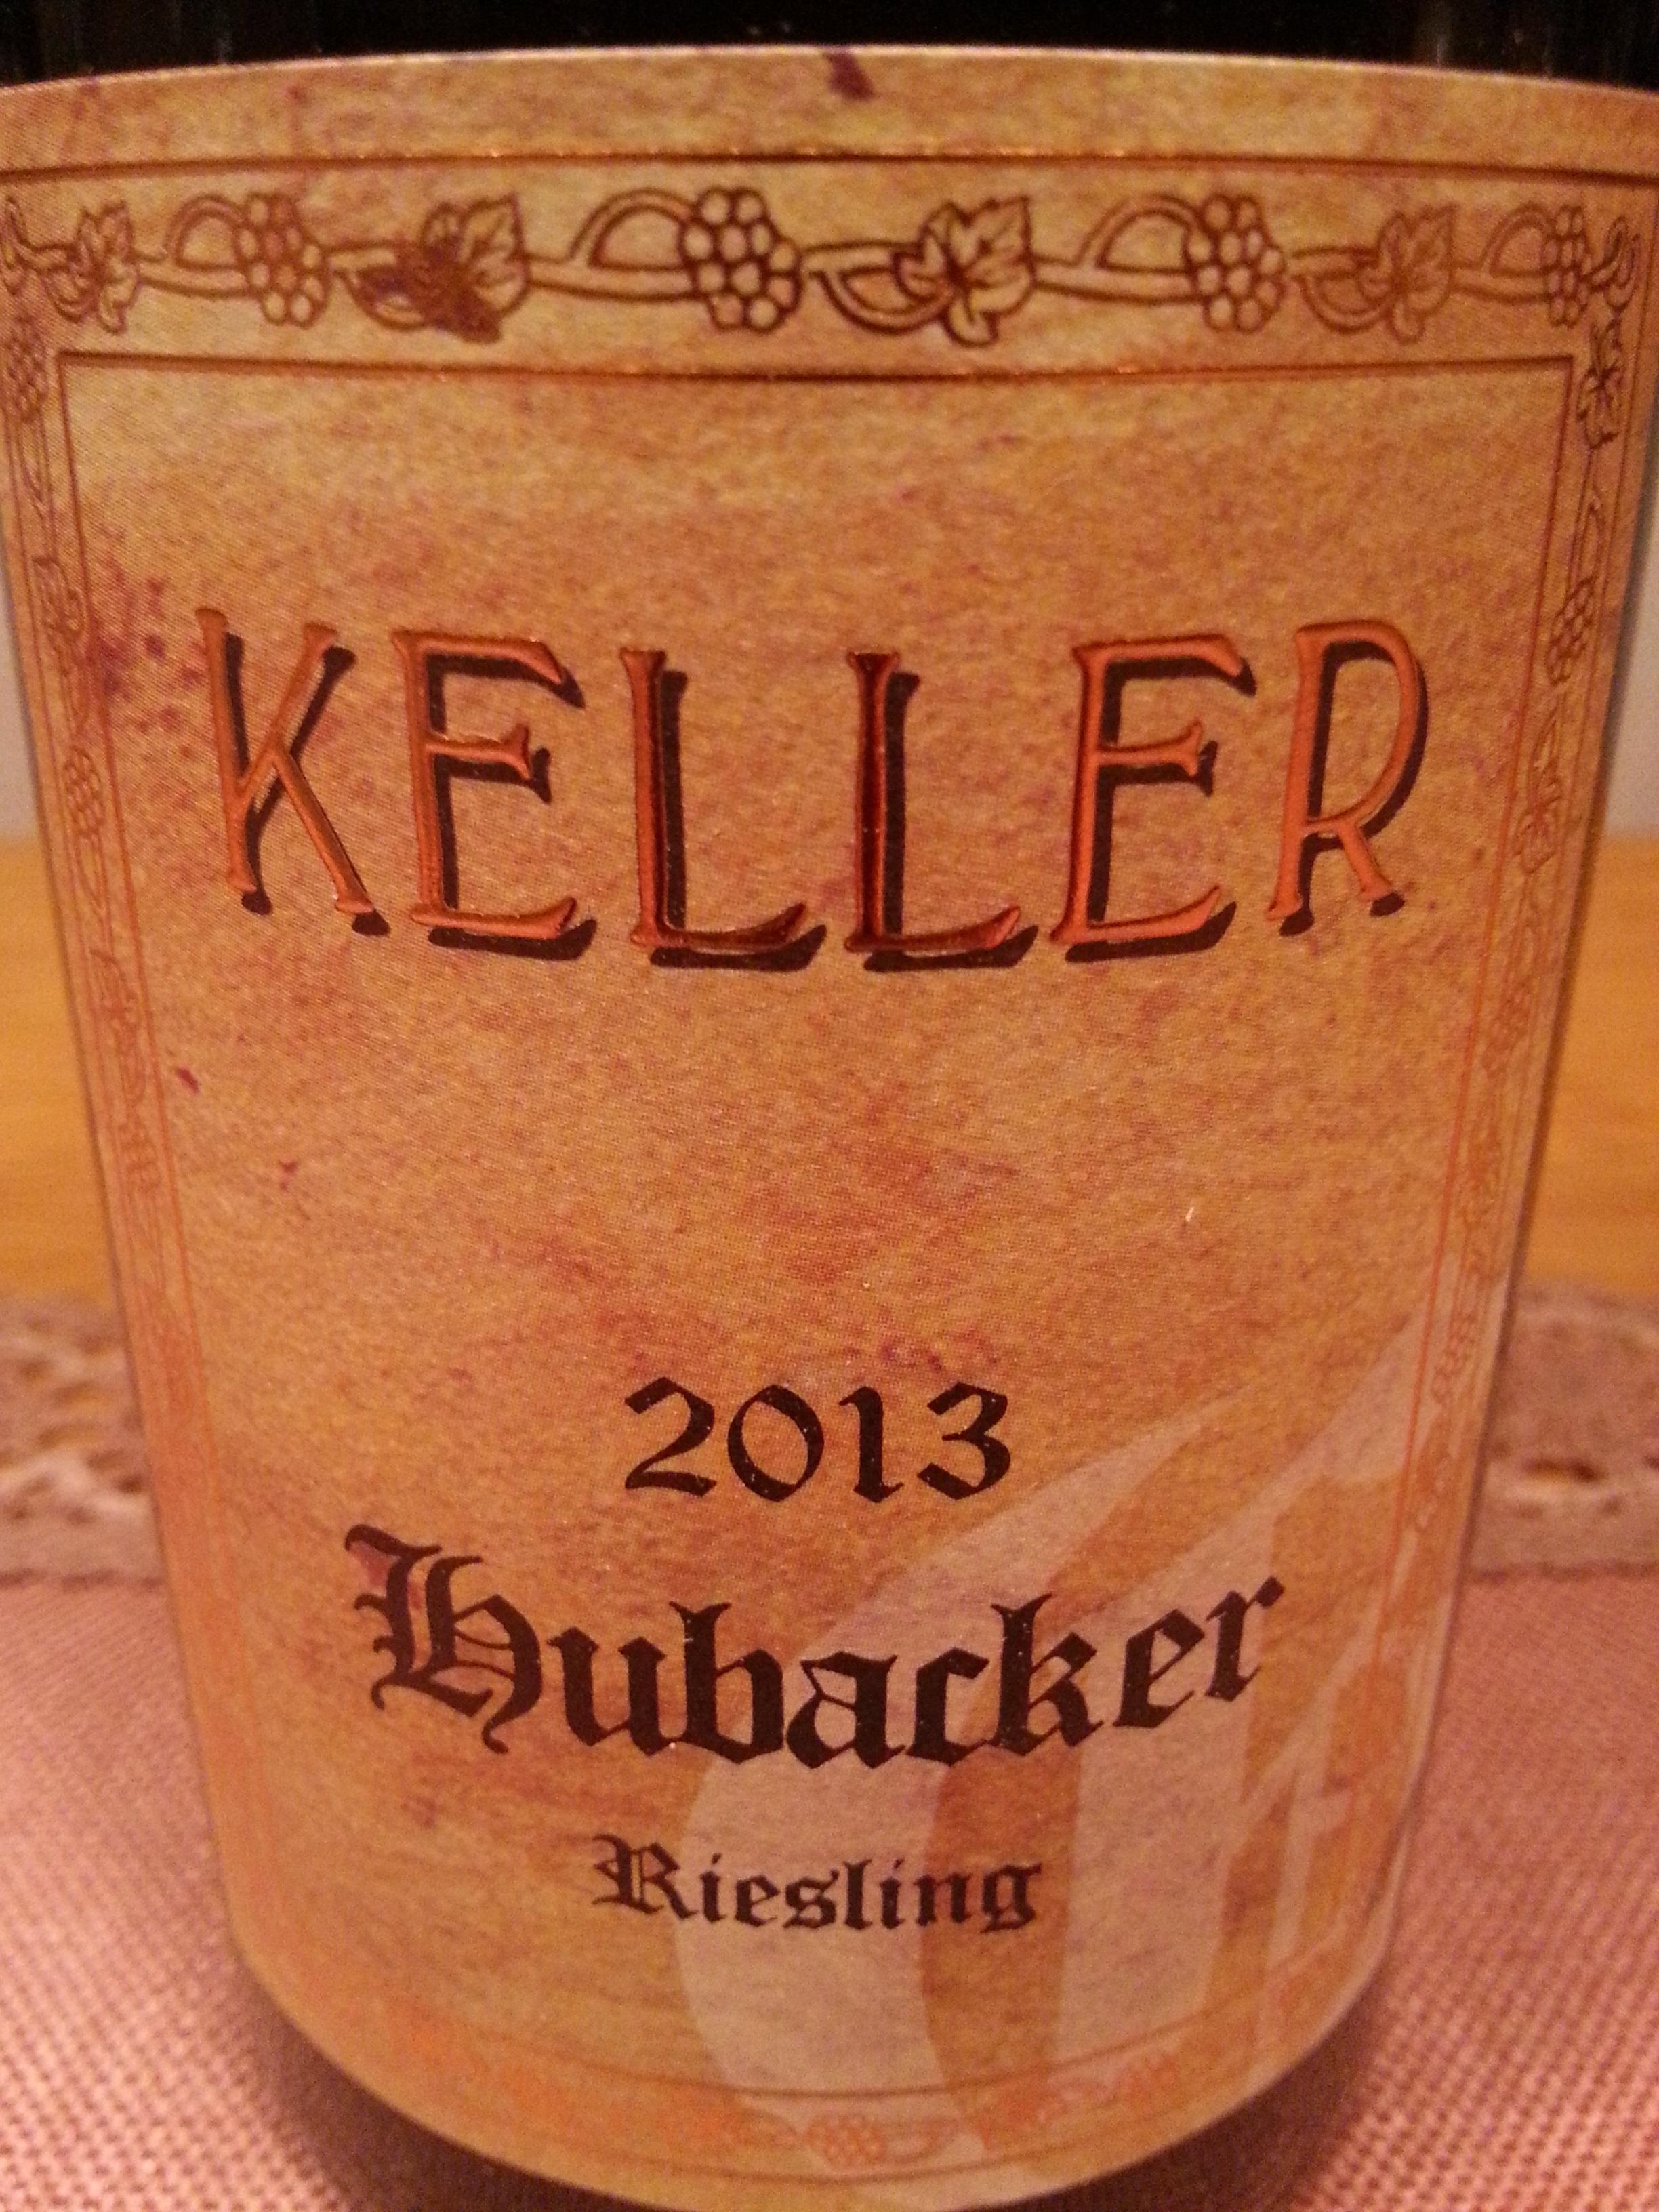 2013 Riesling Hubacker | Keller